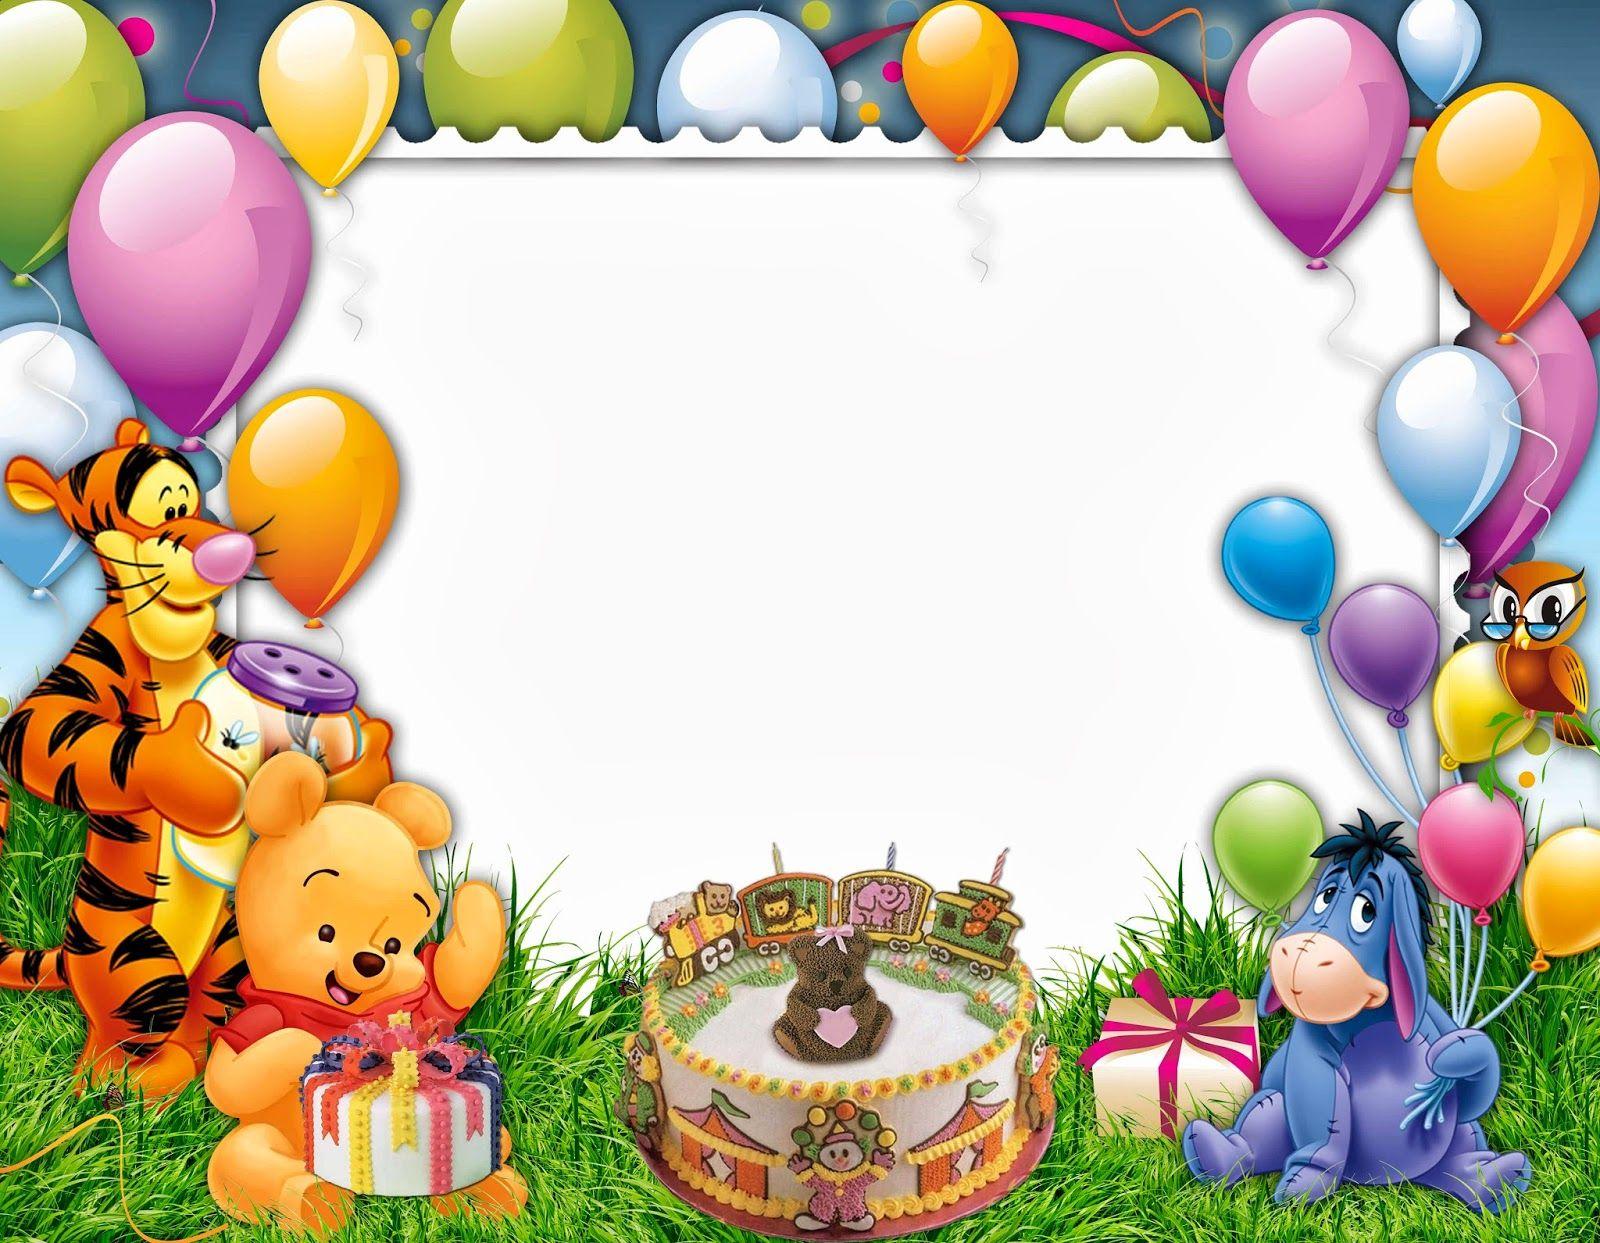 Kids Birthday Frame.